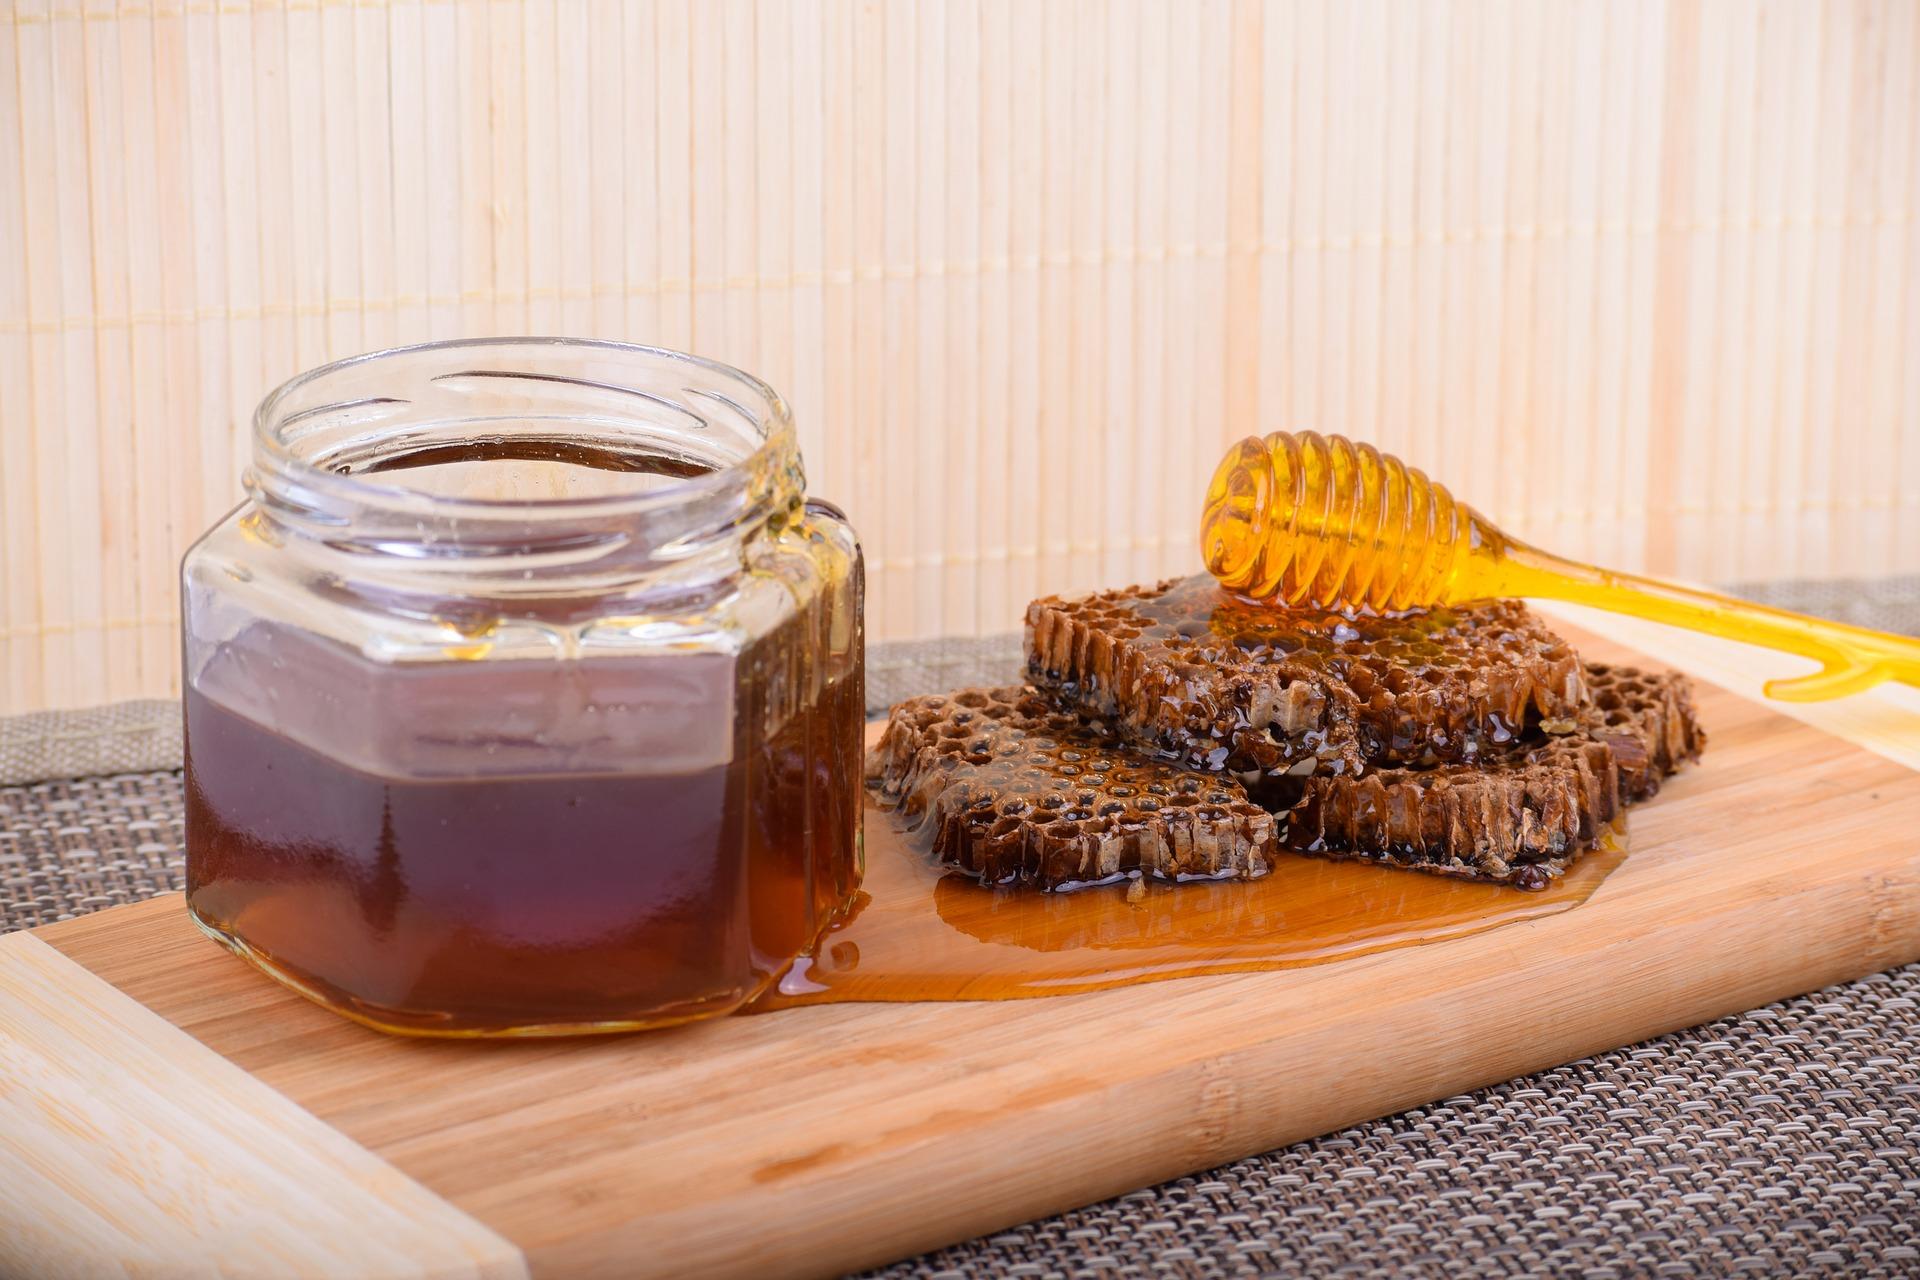 Україна стала лідером із експорту меду до ЄС